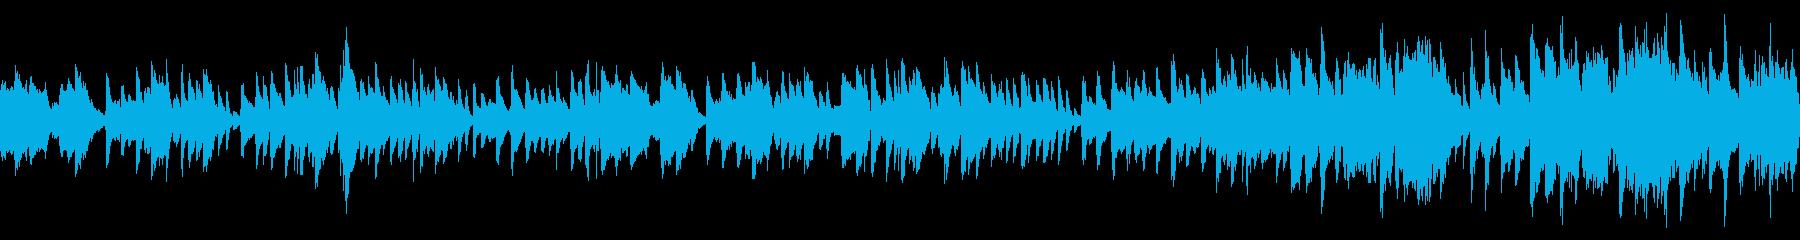 やさしいピアノとフルートが印象的な合奏の再生済みの波形